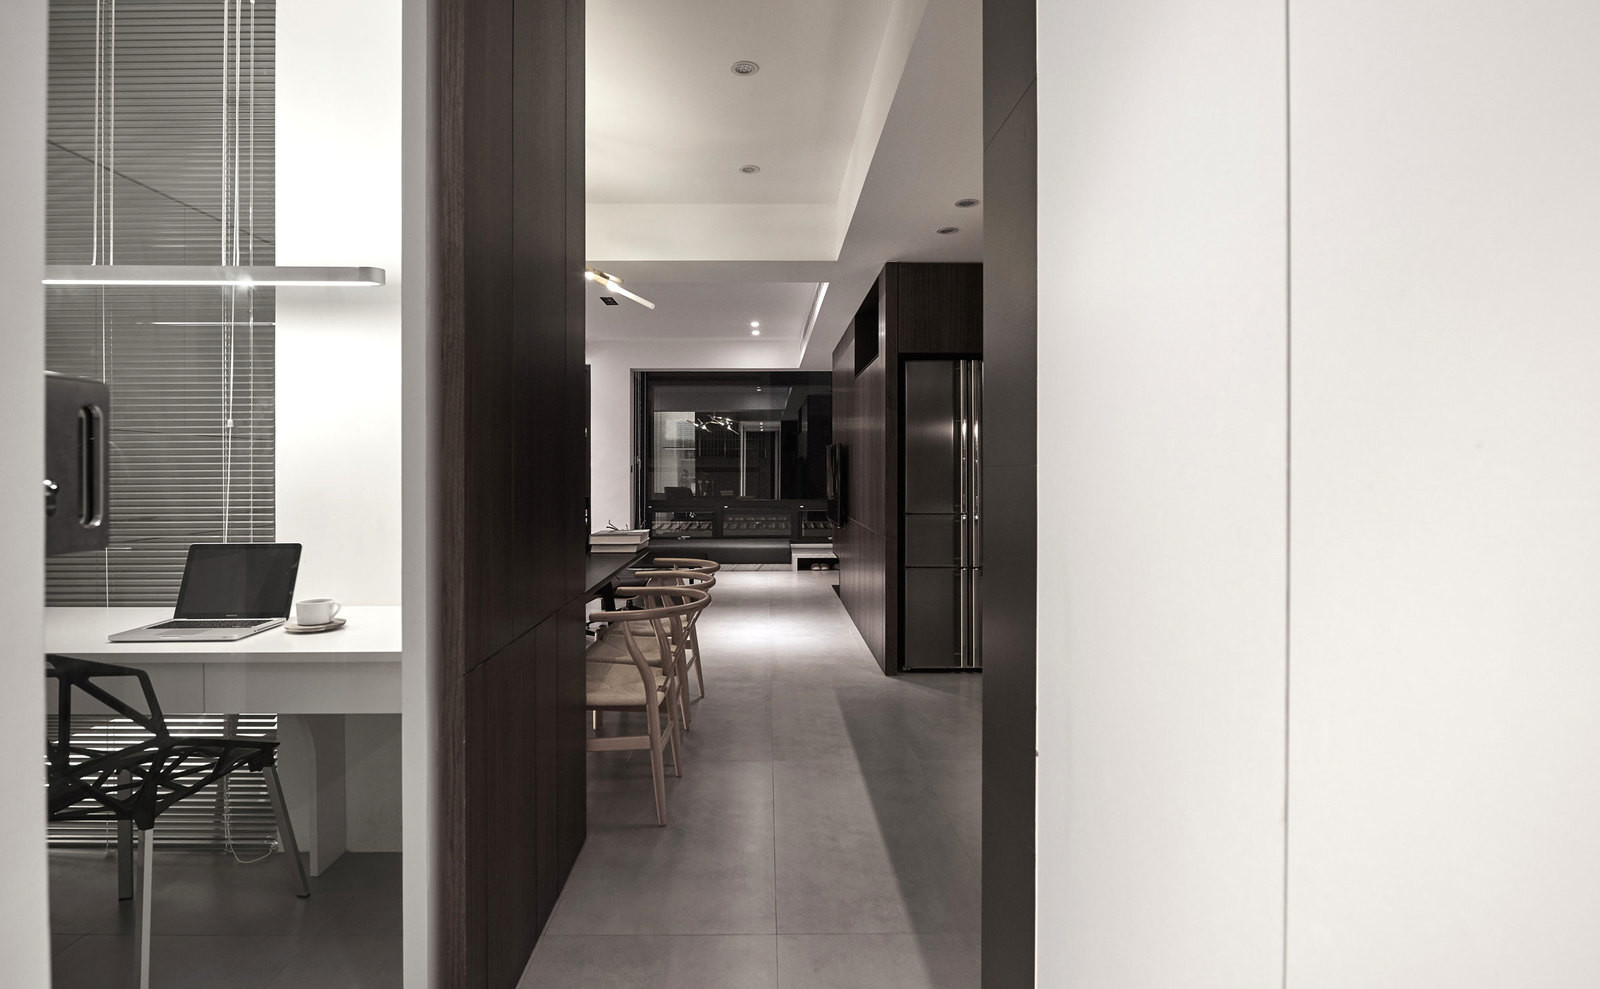 etaj-ot-kashta-s-moderen-i-prostoren-interioren-dizain-120-3g